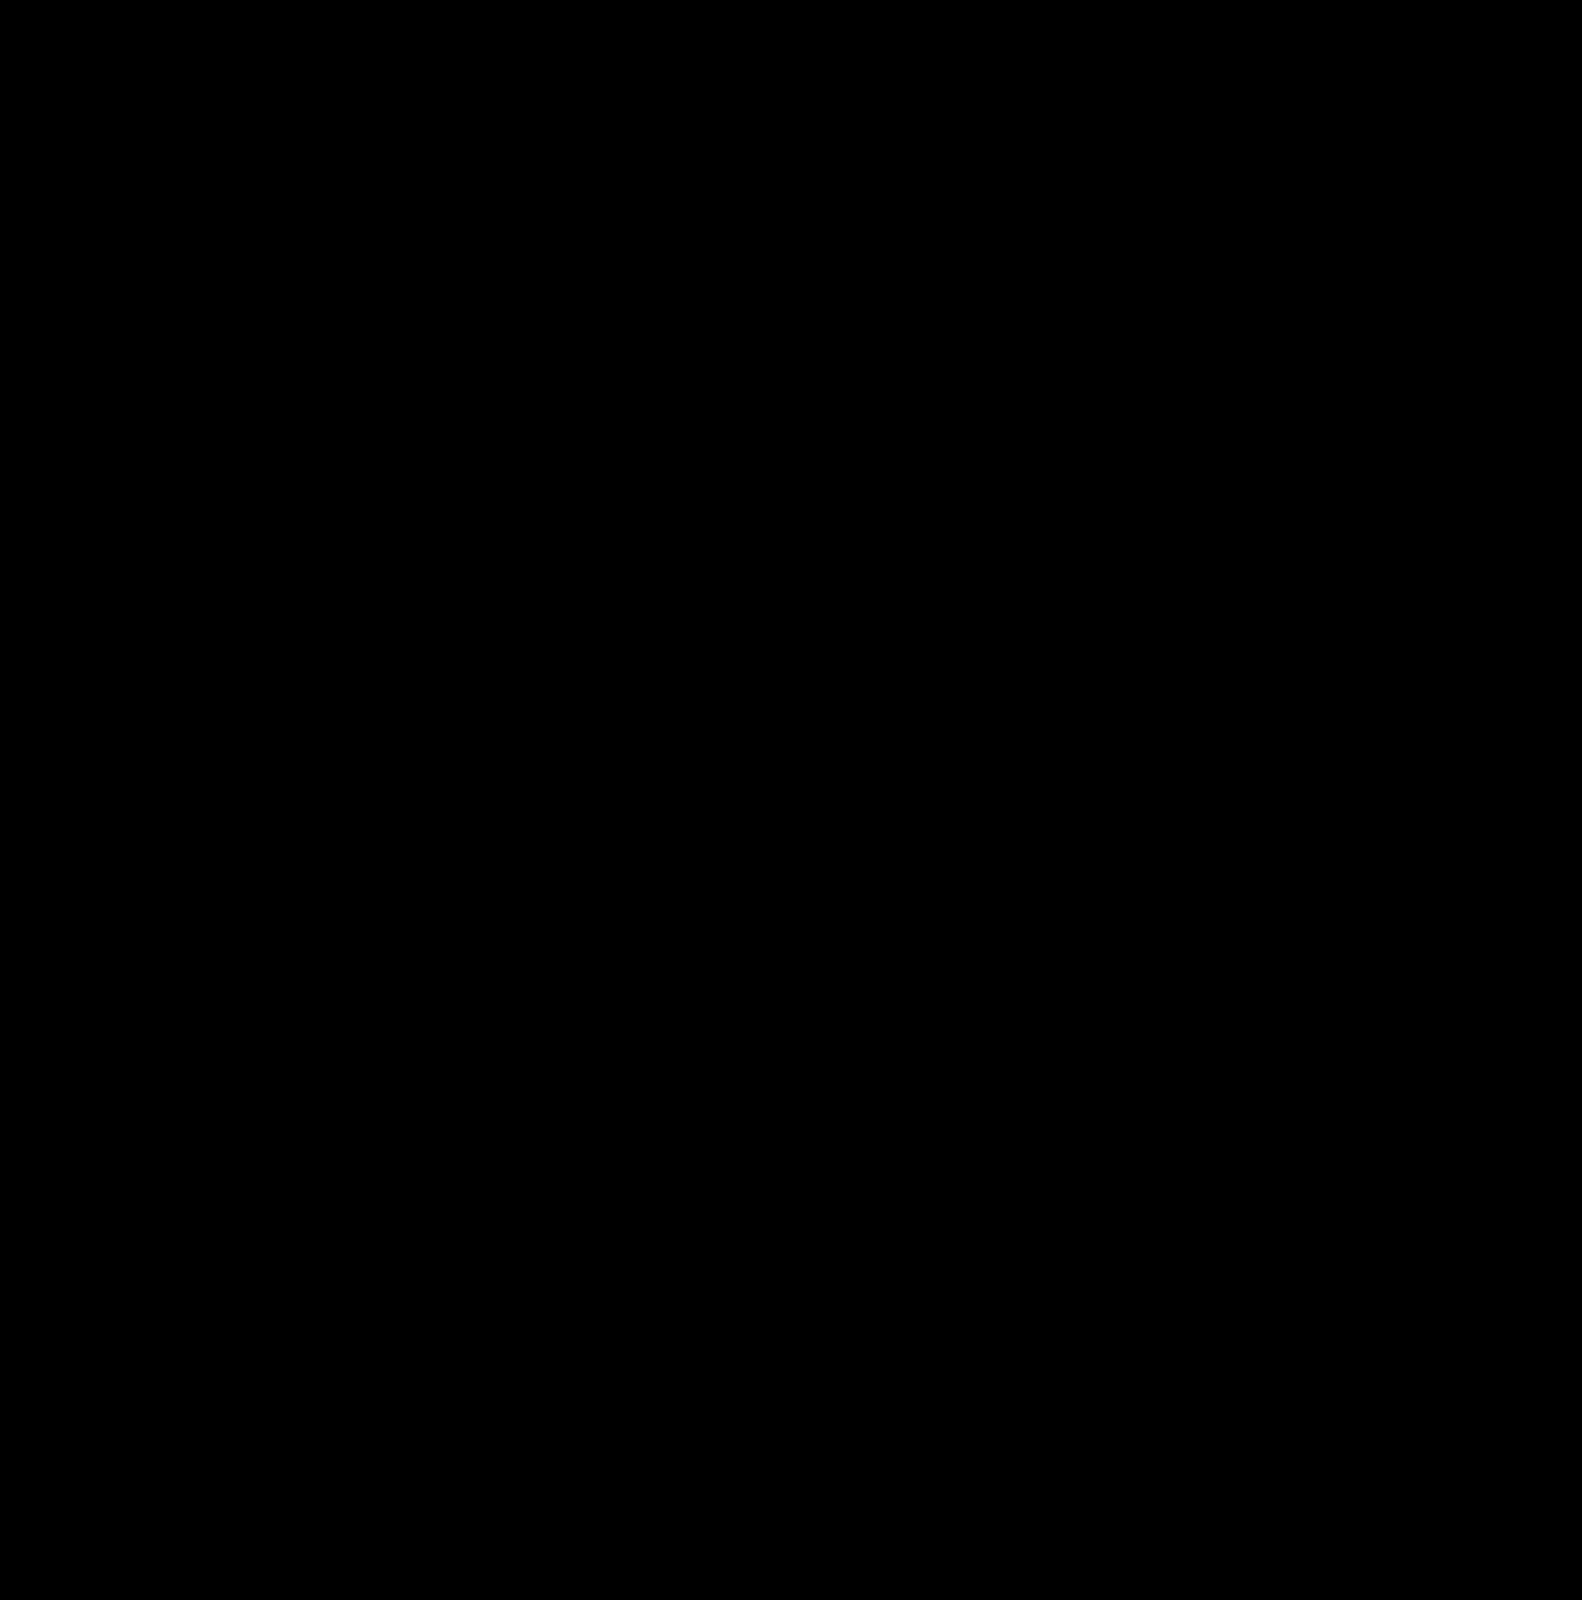 vector for free alan walker monster energy logo vector file monster energy logo vector file